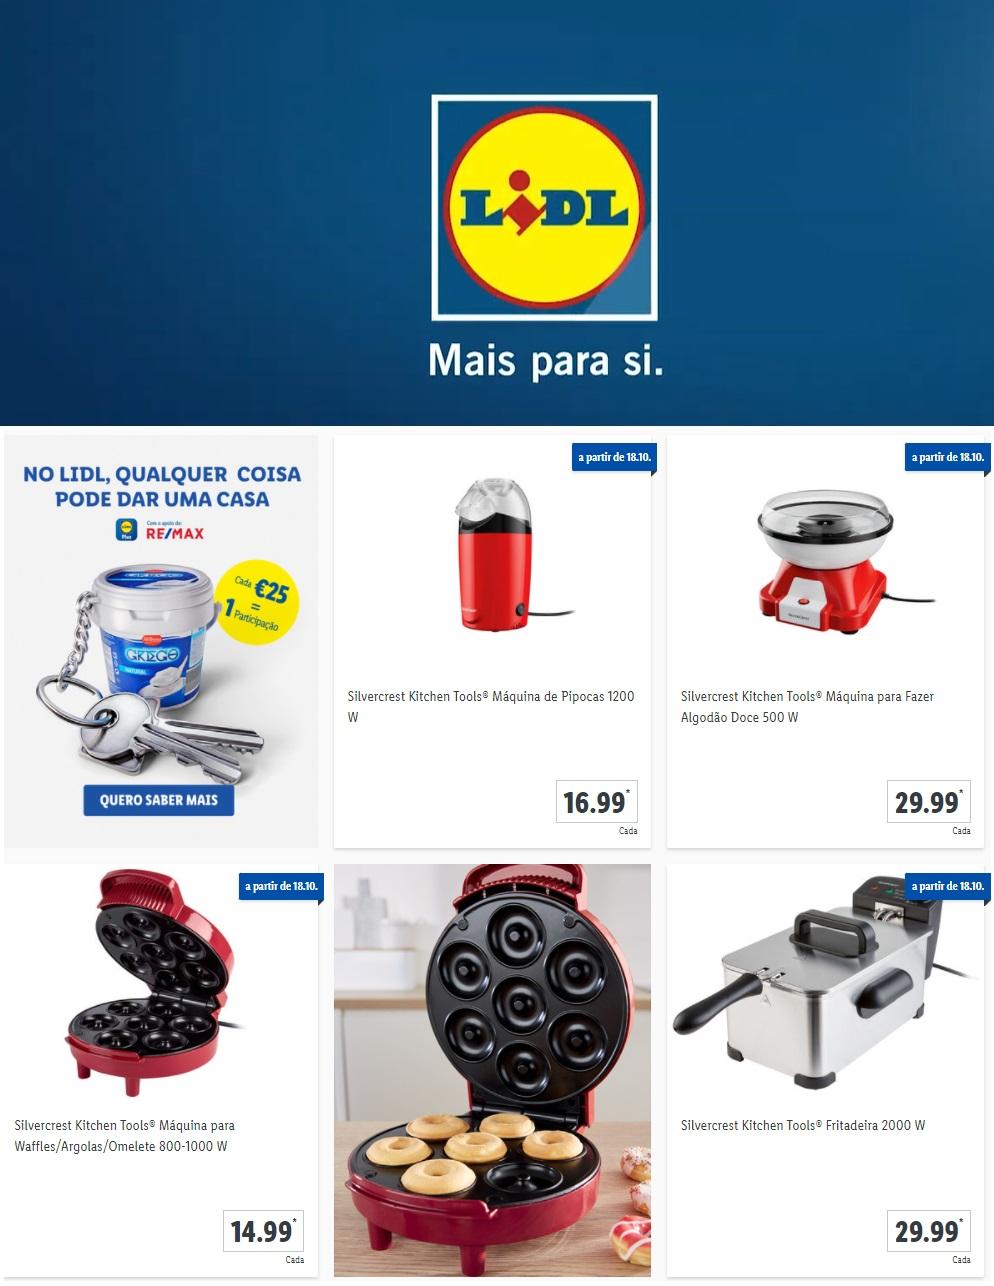 cozinha folheto lidl bazar promocoes 18 outubro 24 outubro 11